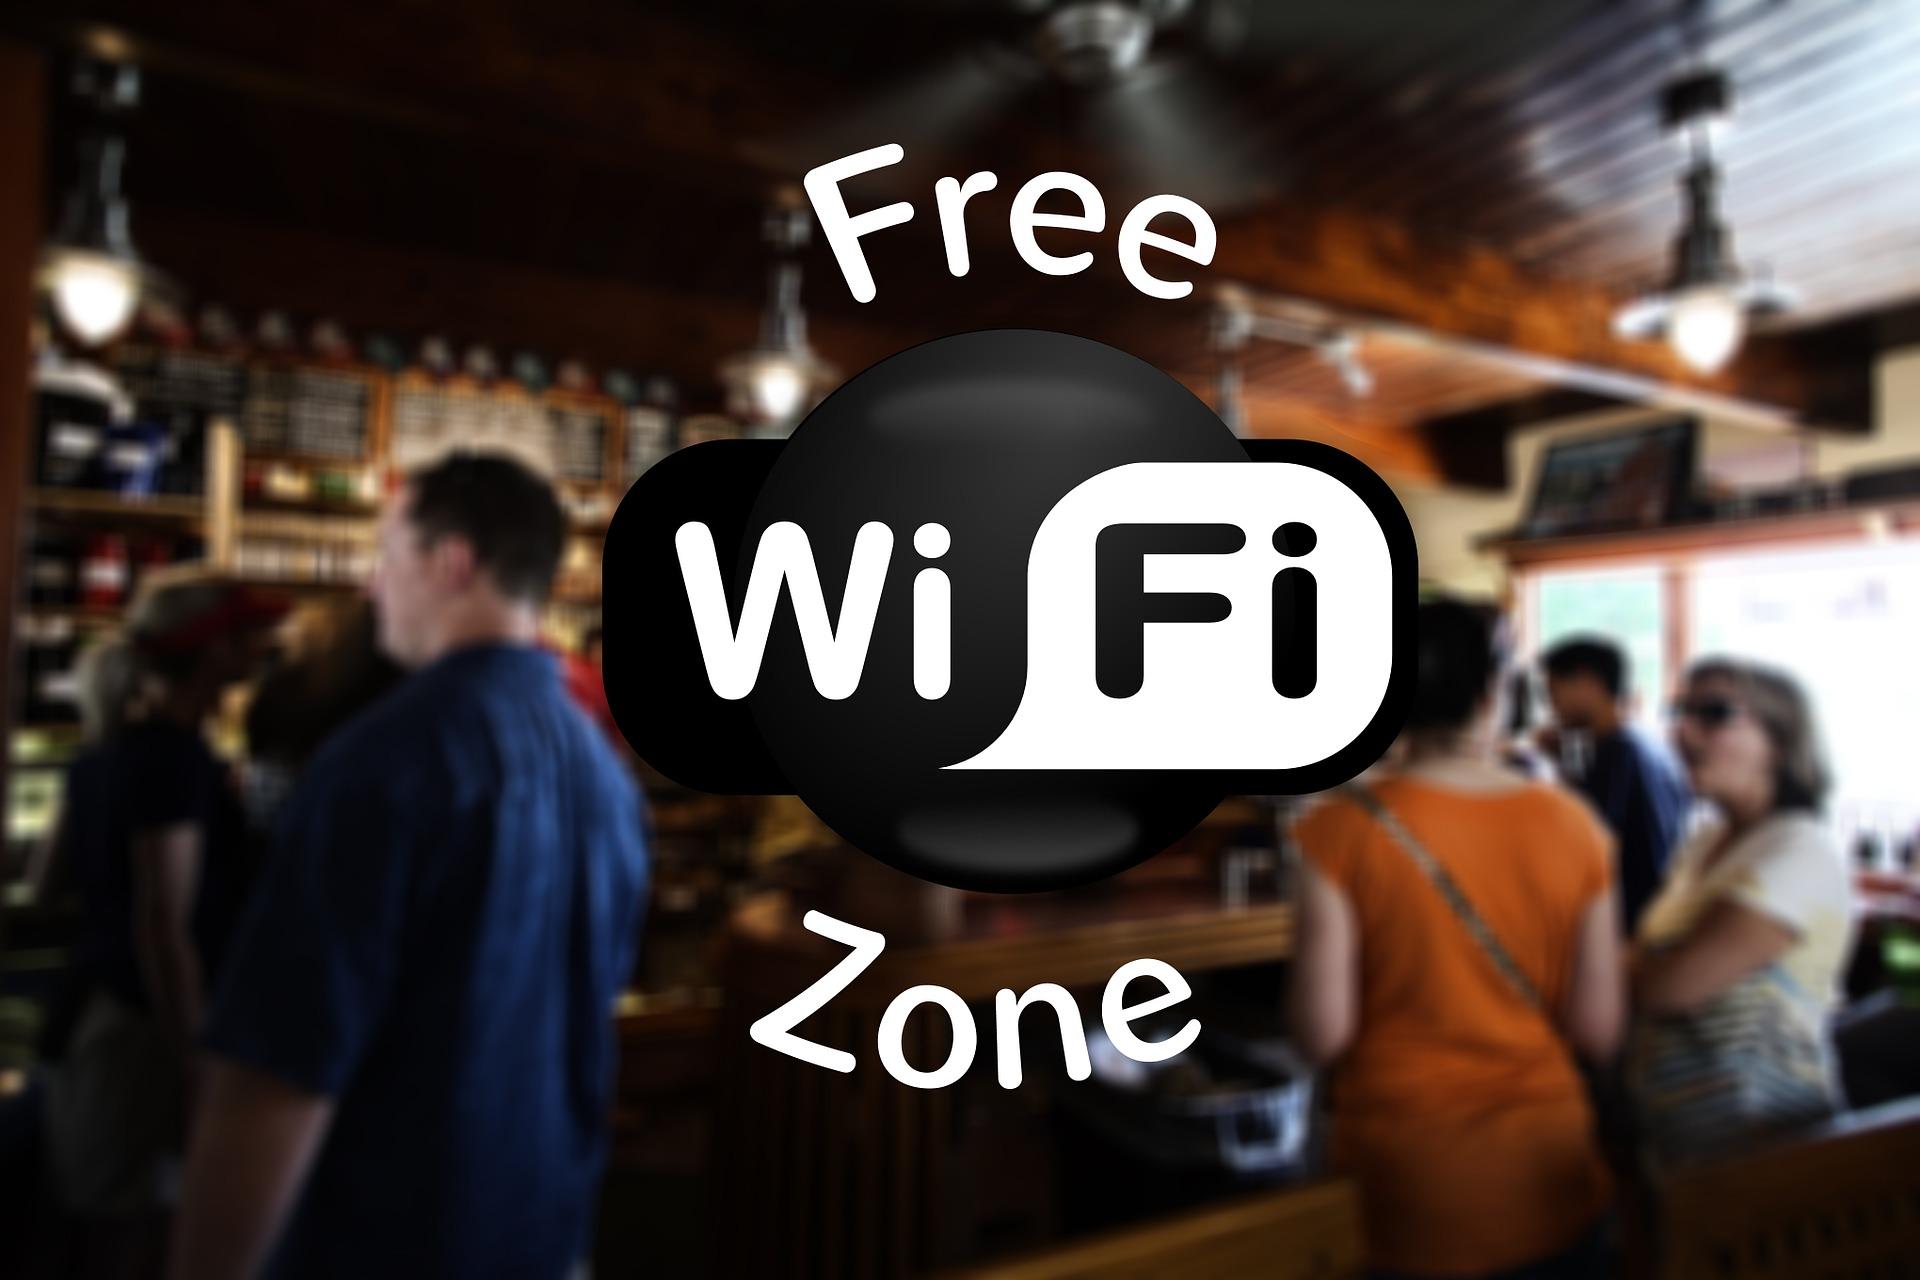 איך לשמור על עצמנו ברשתות WiFi בחו